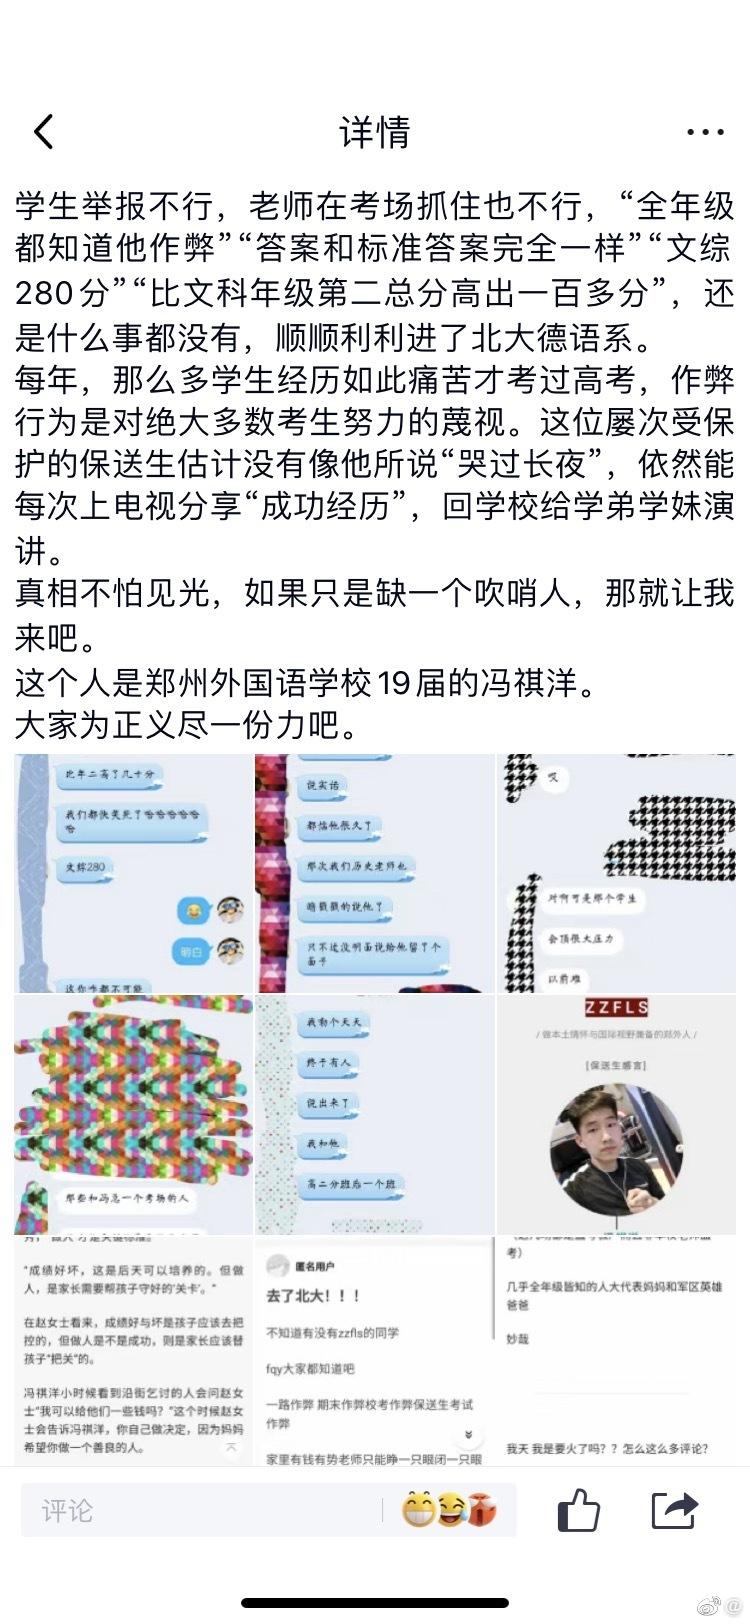 接到网友投稿,郑州外国语学校学生冯某某